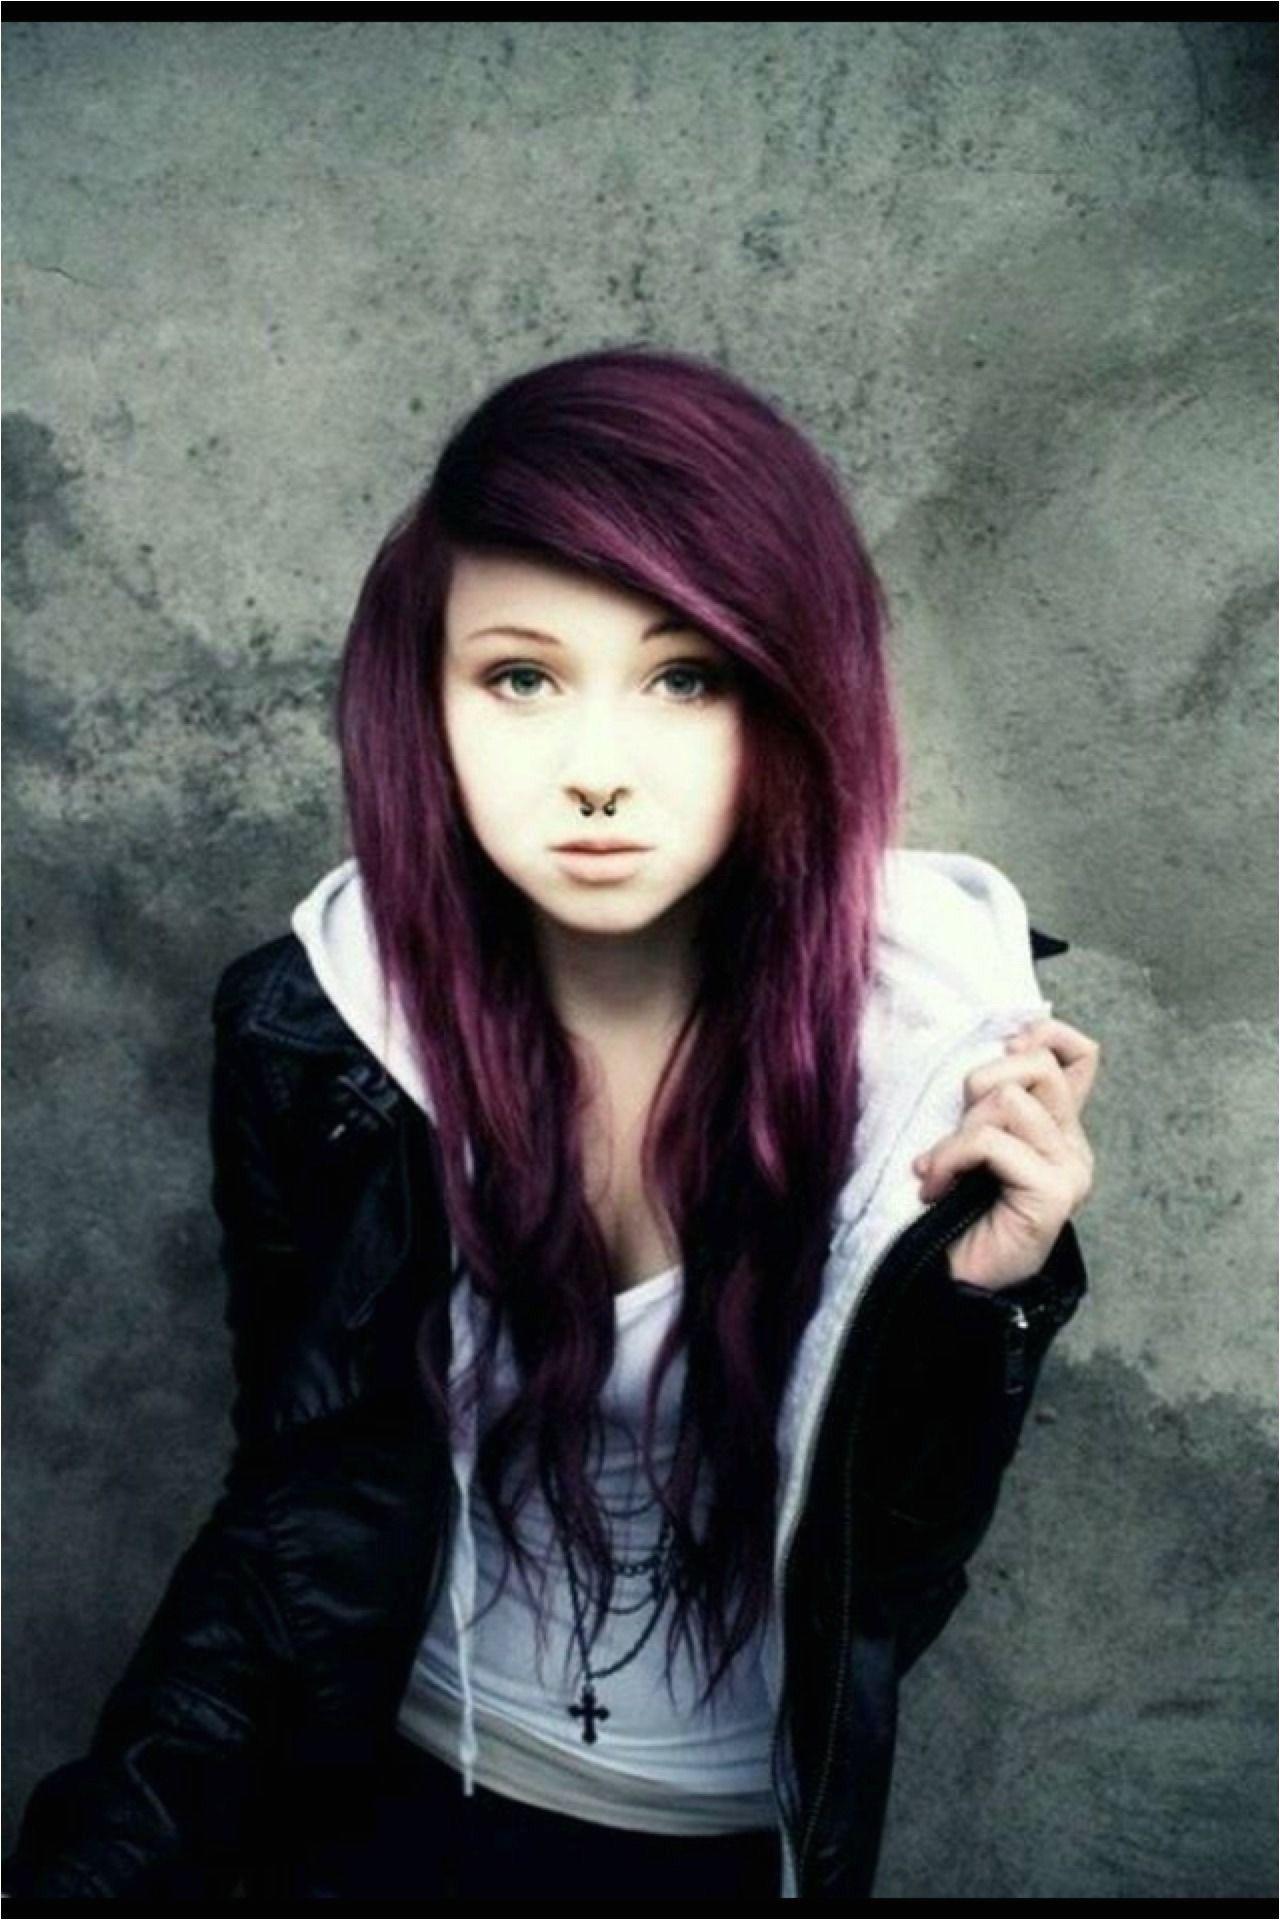 Long Emo Girl Hairstyles Emo Hair Styles #emo #emohair #emostyles